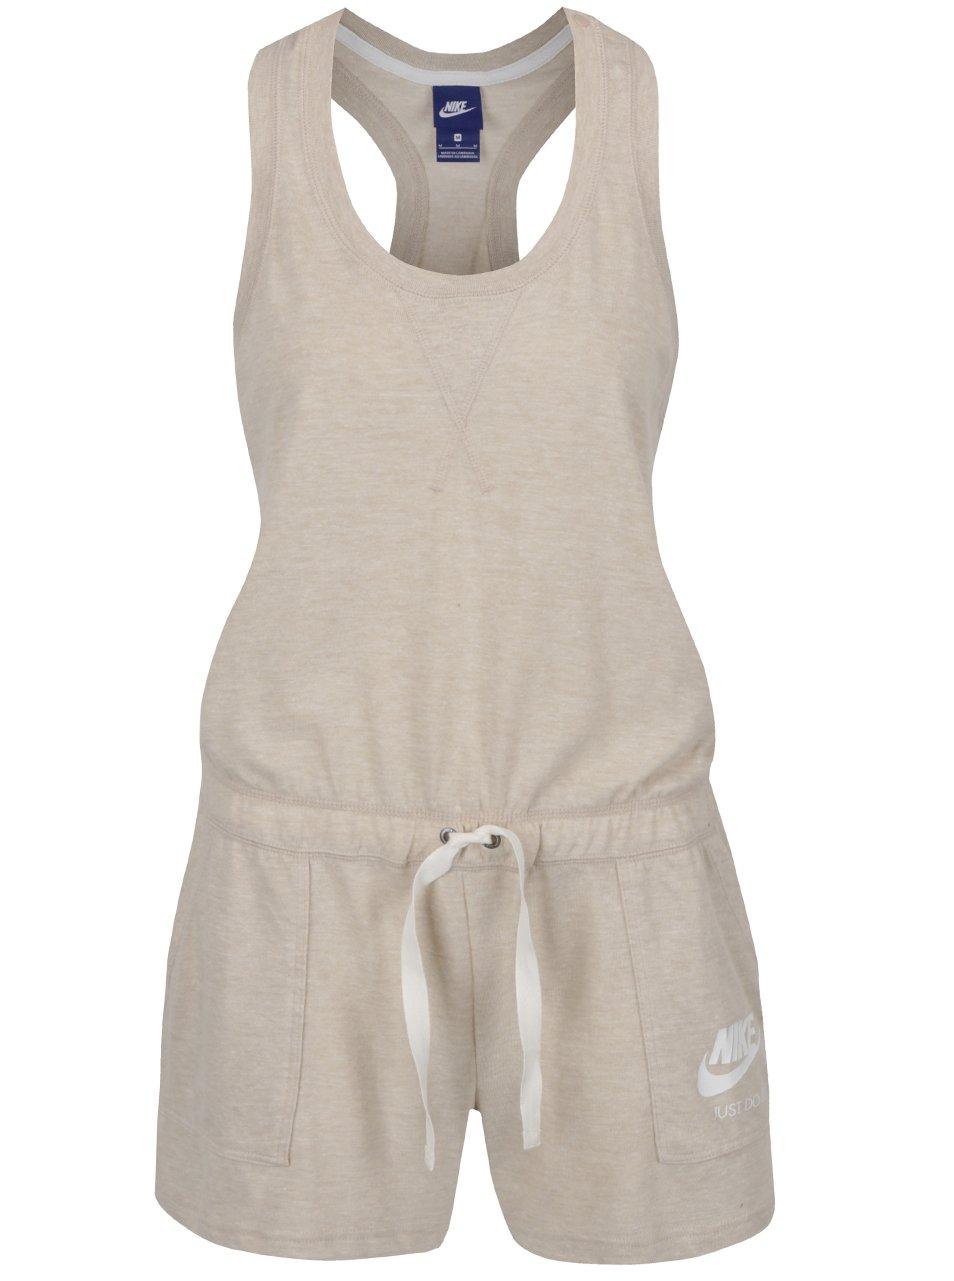 Béžový dámský krátký overal Nike